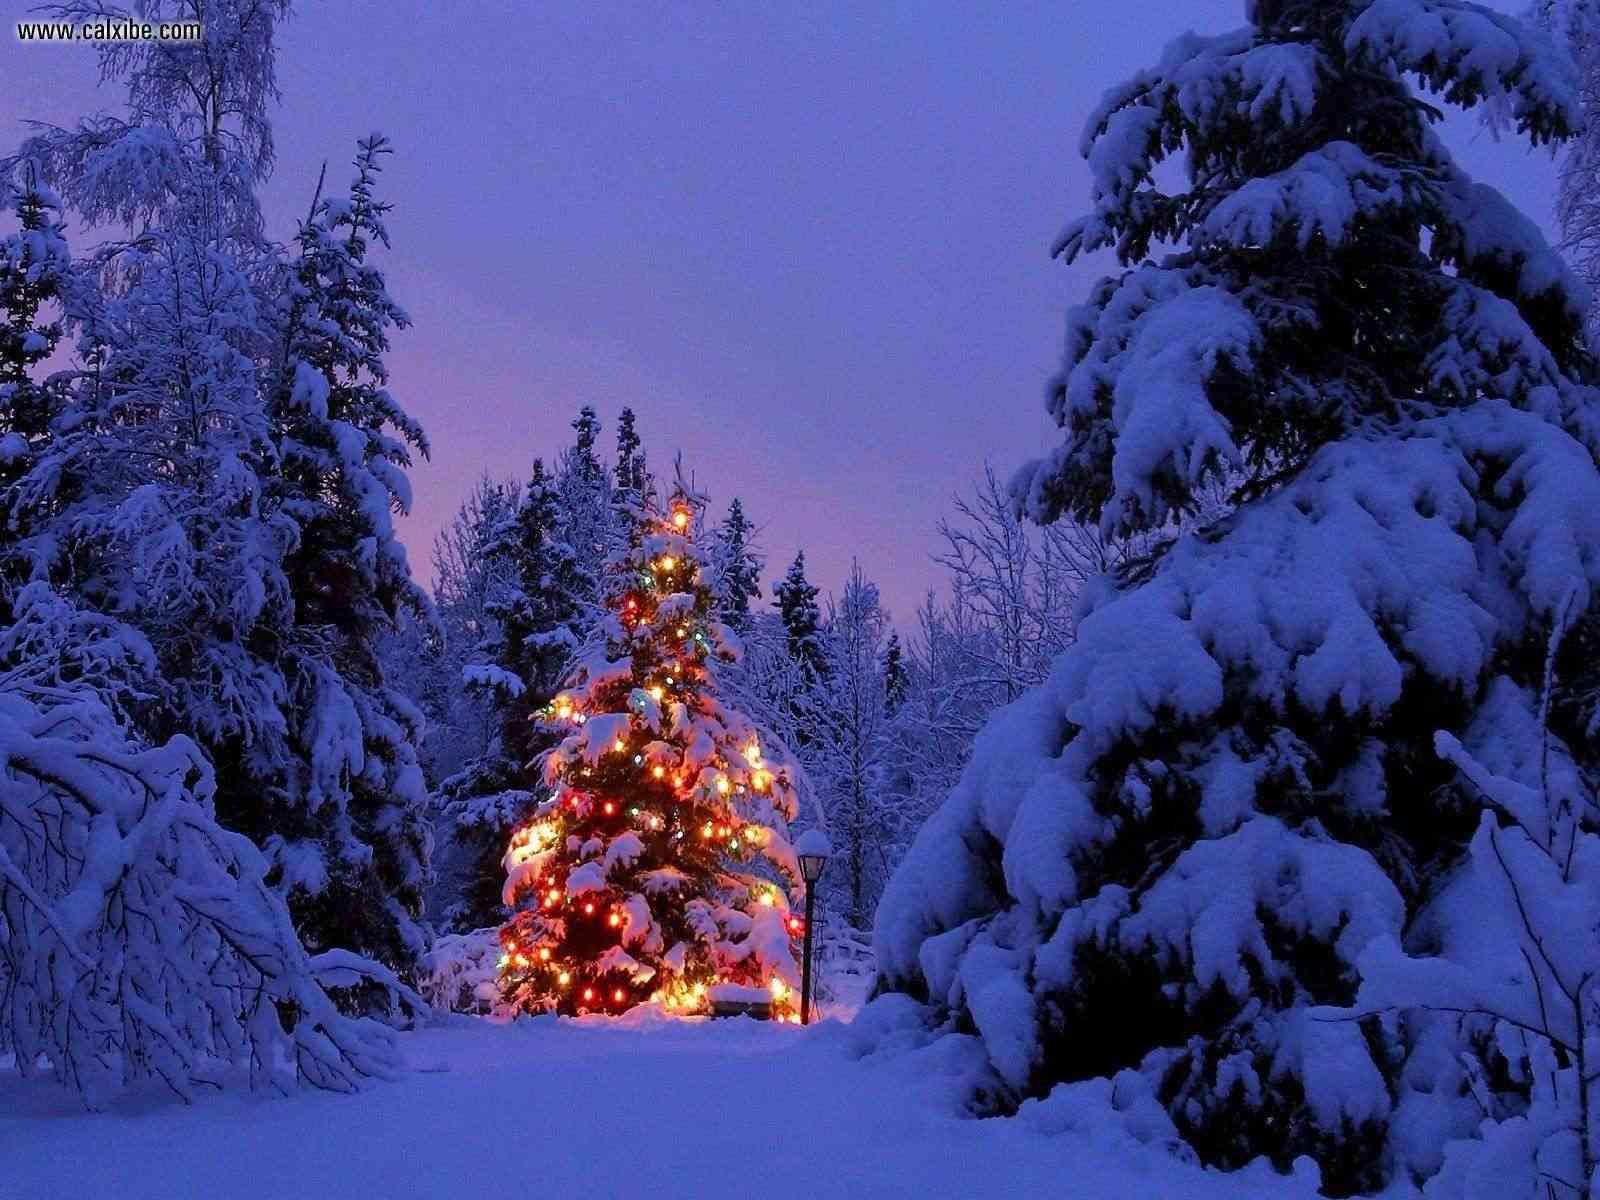 Merry Christmas! Joyful10